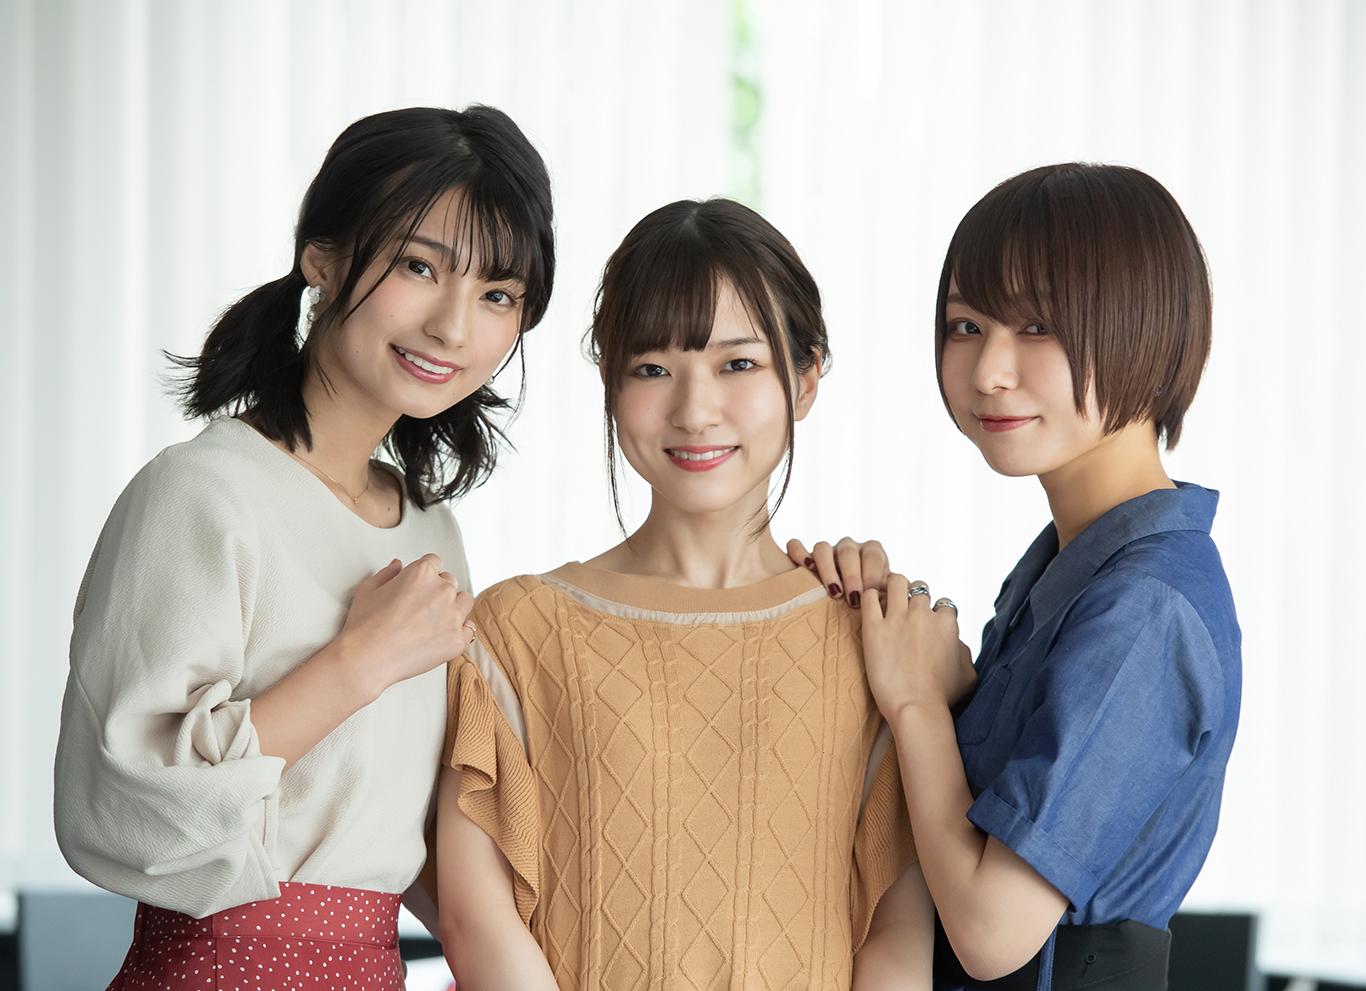 宮下早紀×高野麻里佳×富田美憂 ボードゲームで深まる3人の絆